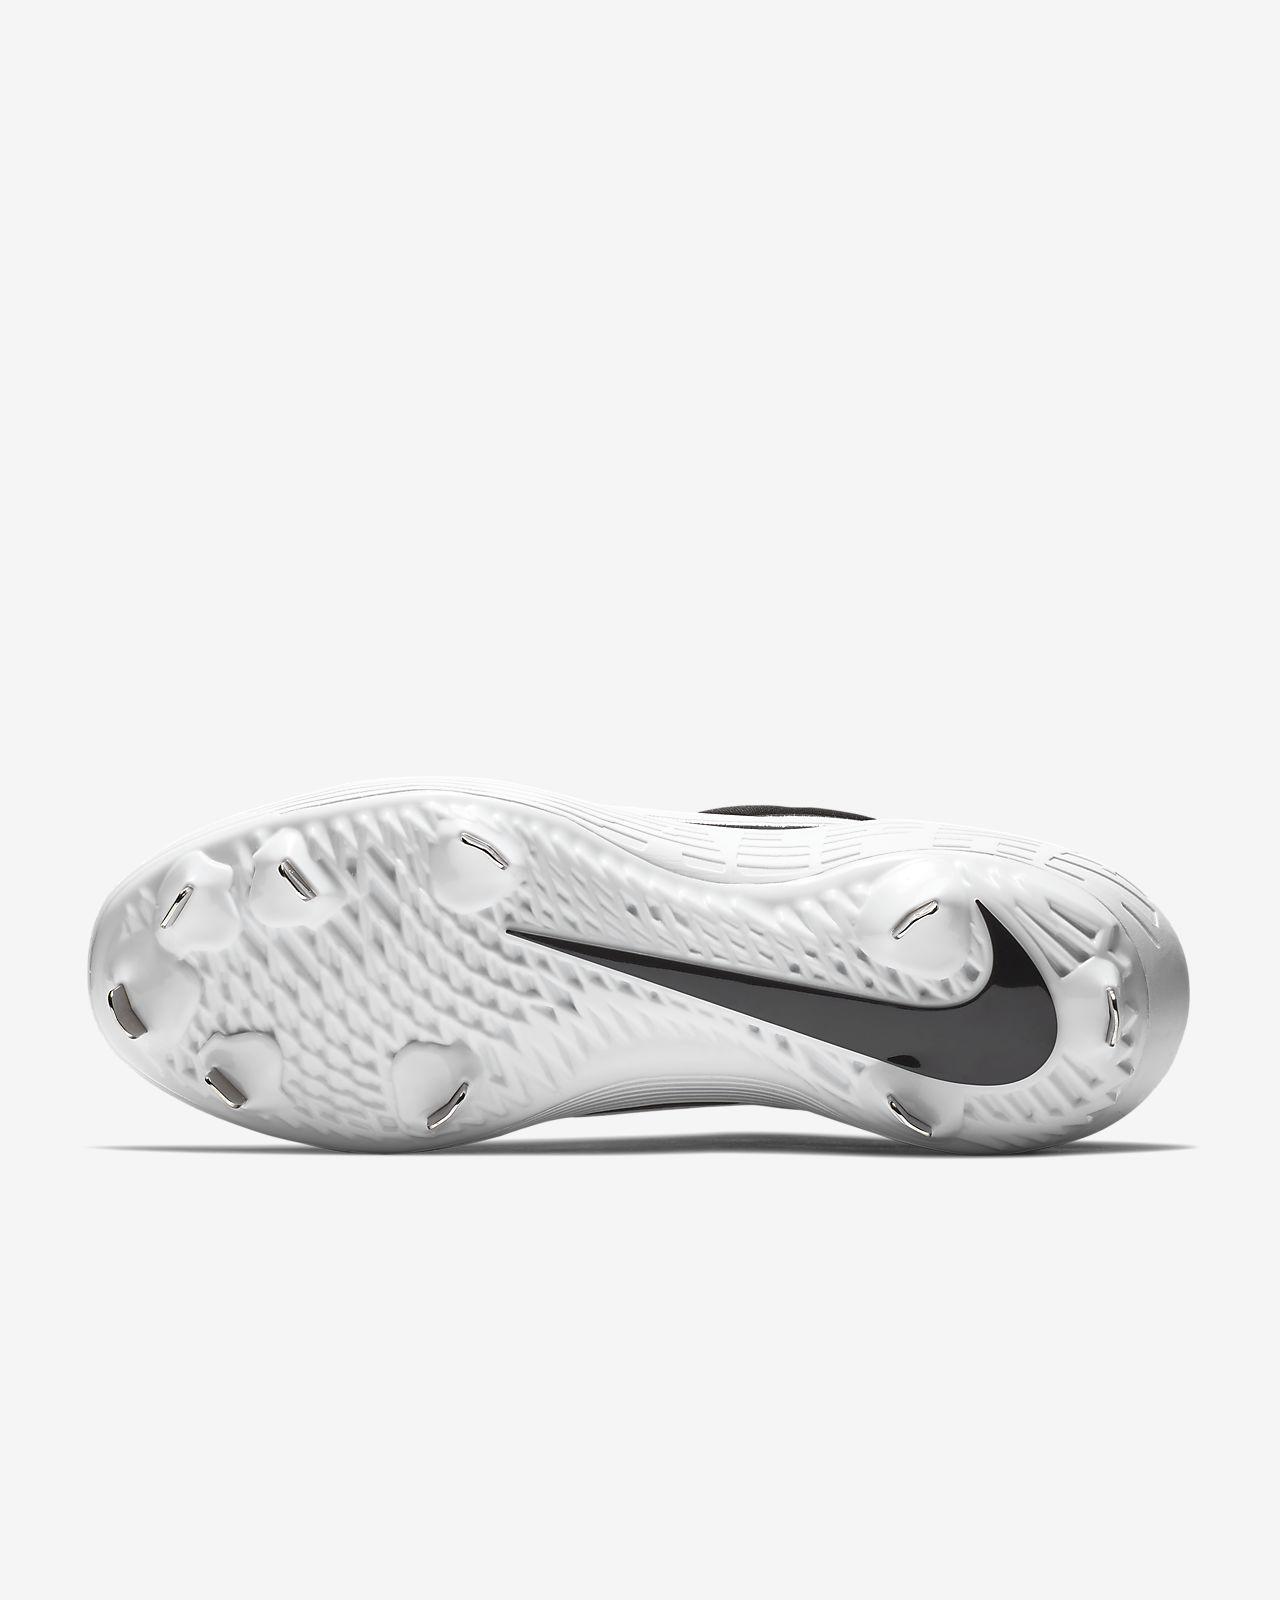 b781072de009a Nike Alpha Huarache Elite 2 Low Baseball Cleat. Nike.com